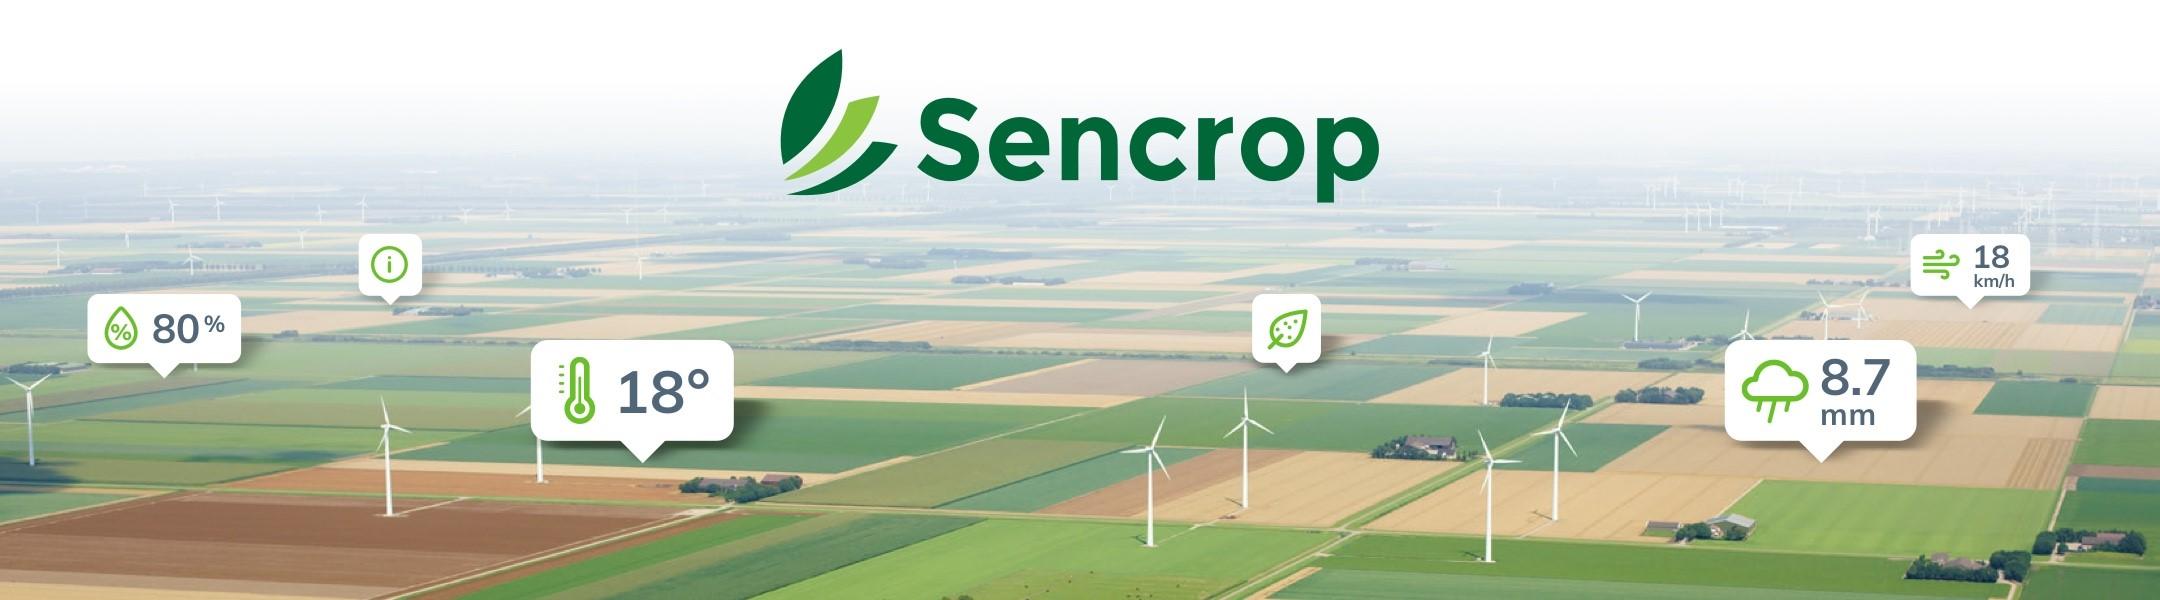 Sencrop lève 10 M$ pour accélérer sa croissance en France et se déployer à l'international